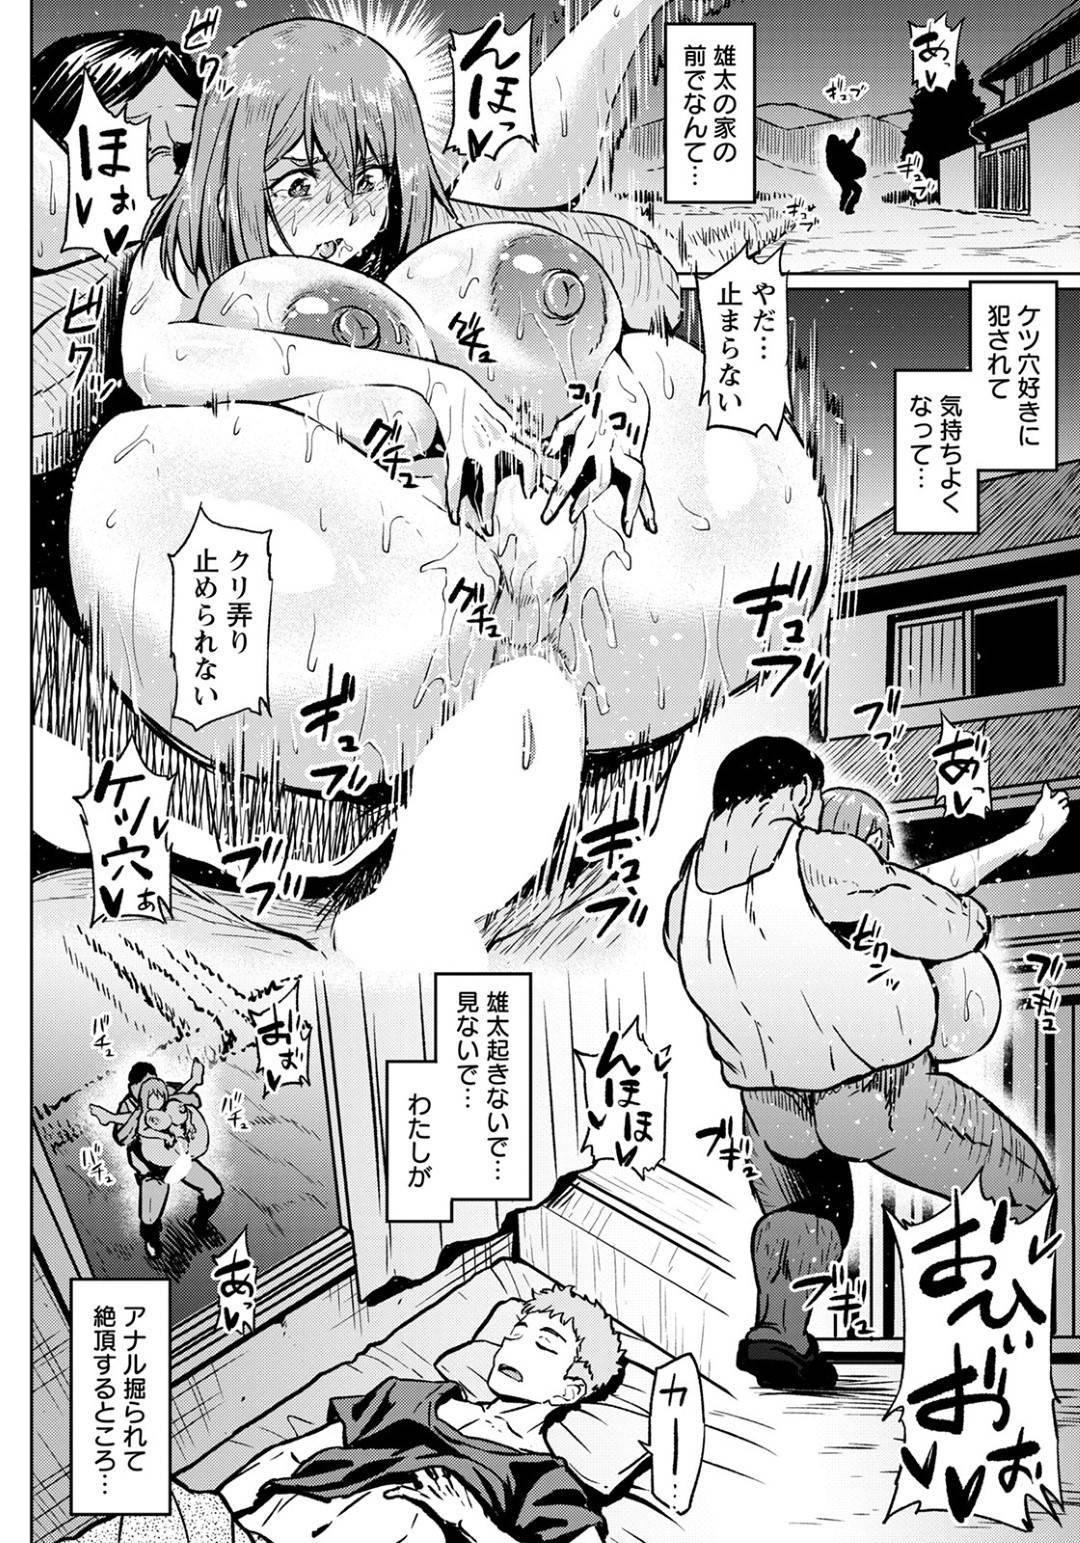 【エロ漫画】義父に毎日のように犯されるムチムチJK…彼氏がいるにも関わらず彼女は彼に立ちバックや駅弁でハードファックされてはアヘ顔で潮吹き絶頂して快楽堕ちする!【アヘ丸:大切な2人を裏切るNTR】